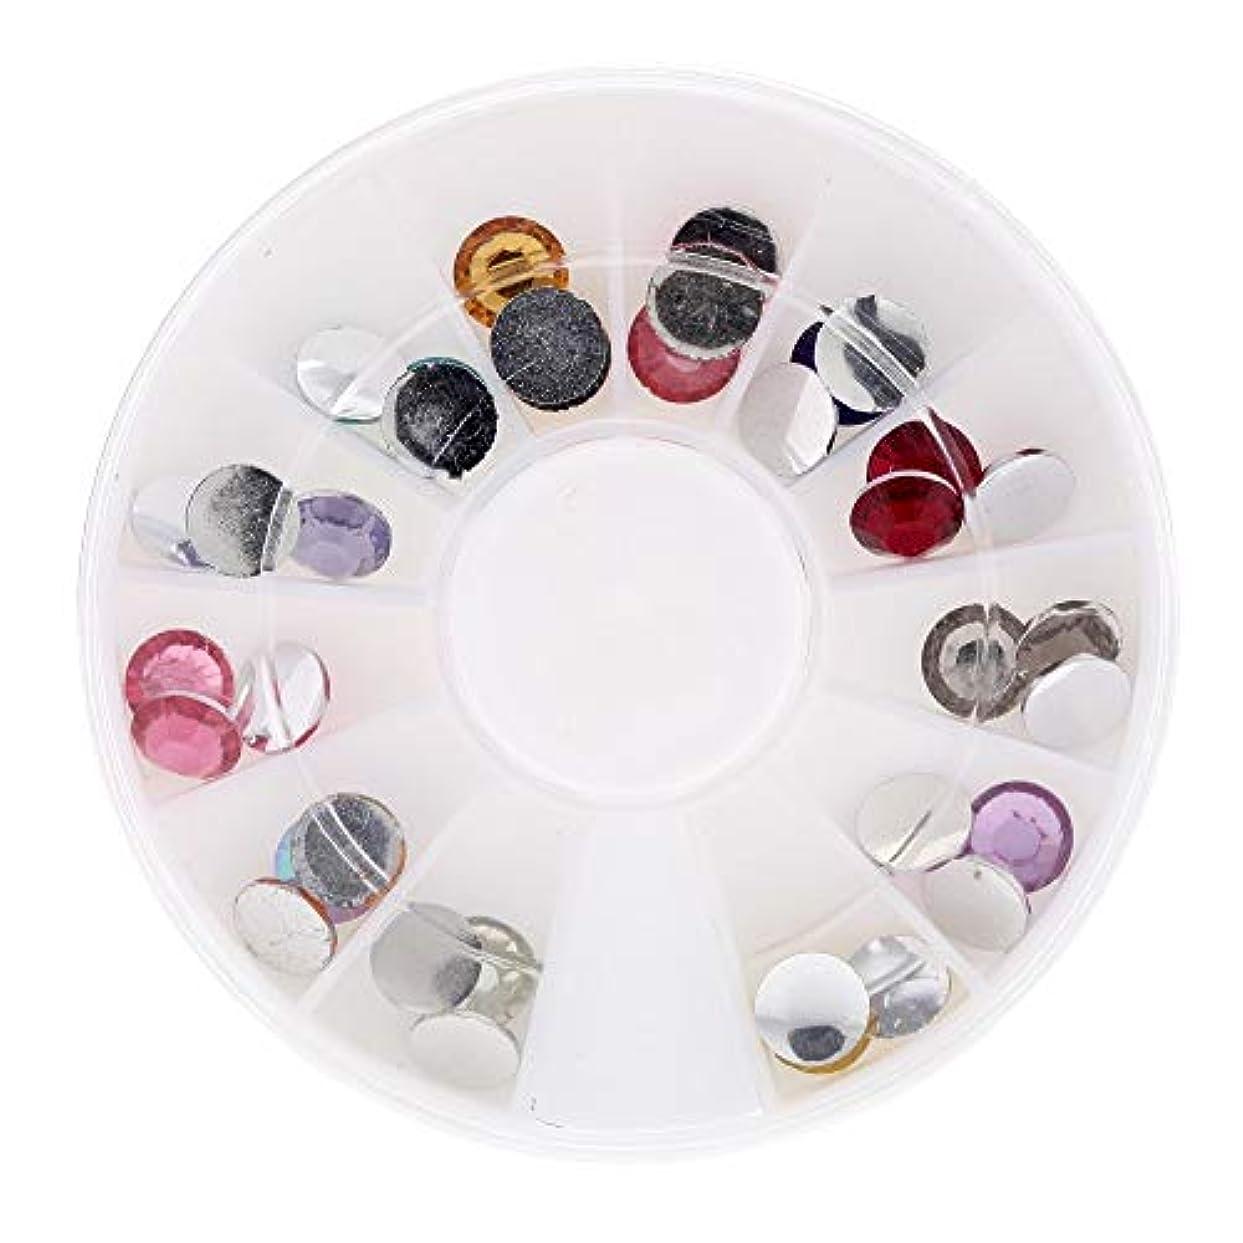 実際の人質提案ラインストーン ネイル用ストーン ガラス 製 大容量 DIY ネイルデザイン ミックスパーツ カラフルな宝石 3d キラキラ ネイル用品 マニキュアツー ネイルステッカー